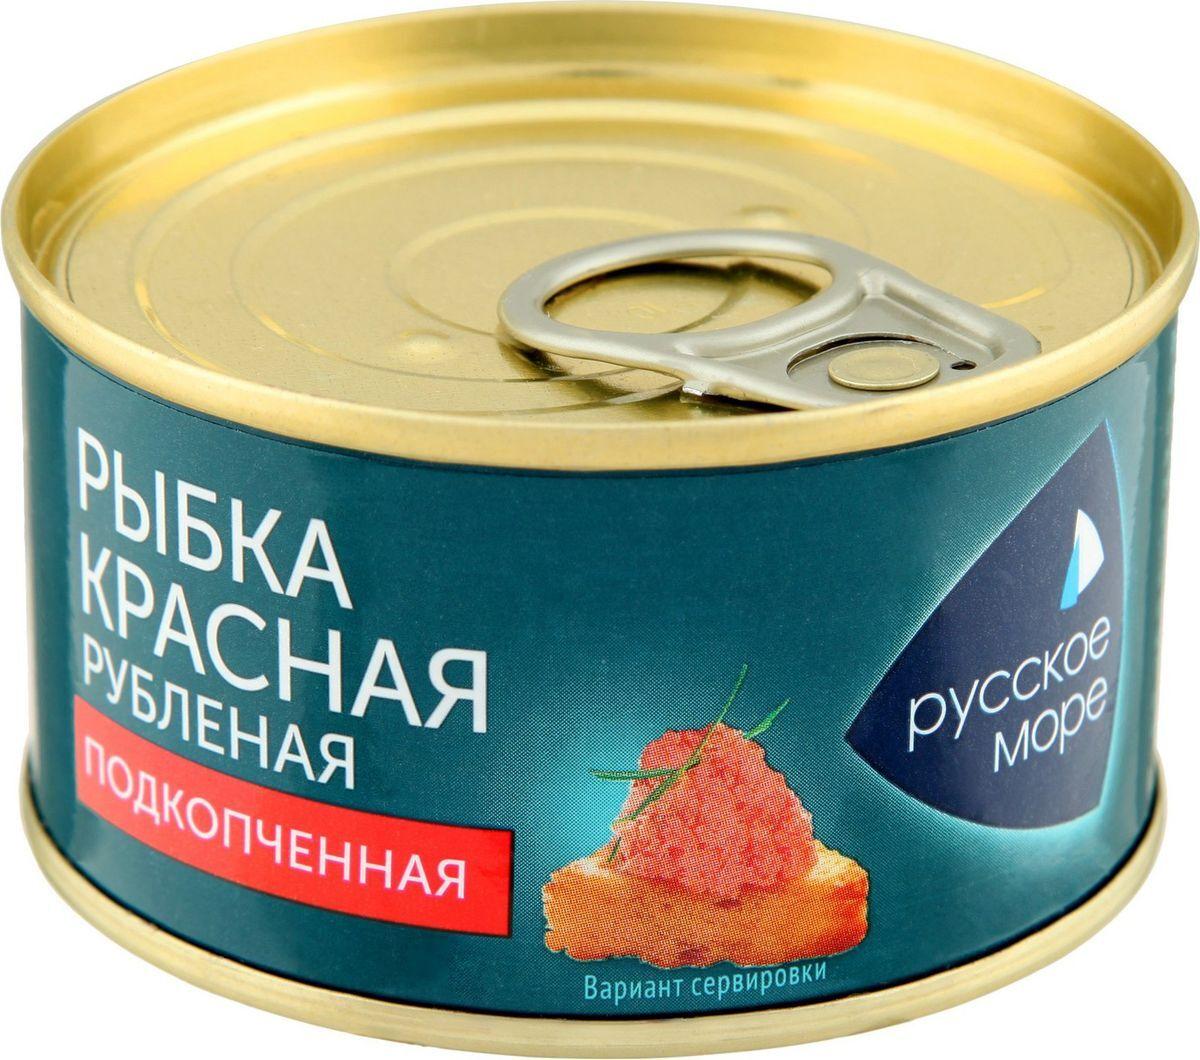 Морепродукты охлажденные Русское море Рыбка красная, рубленая, подкопченная, 120 г Русское море